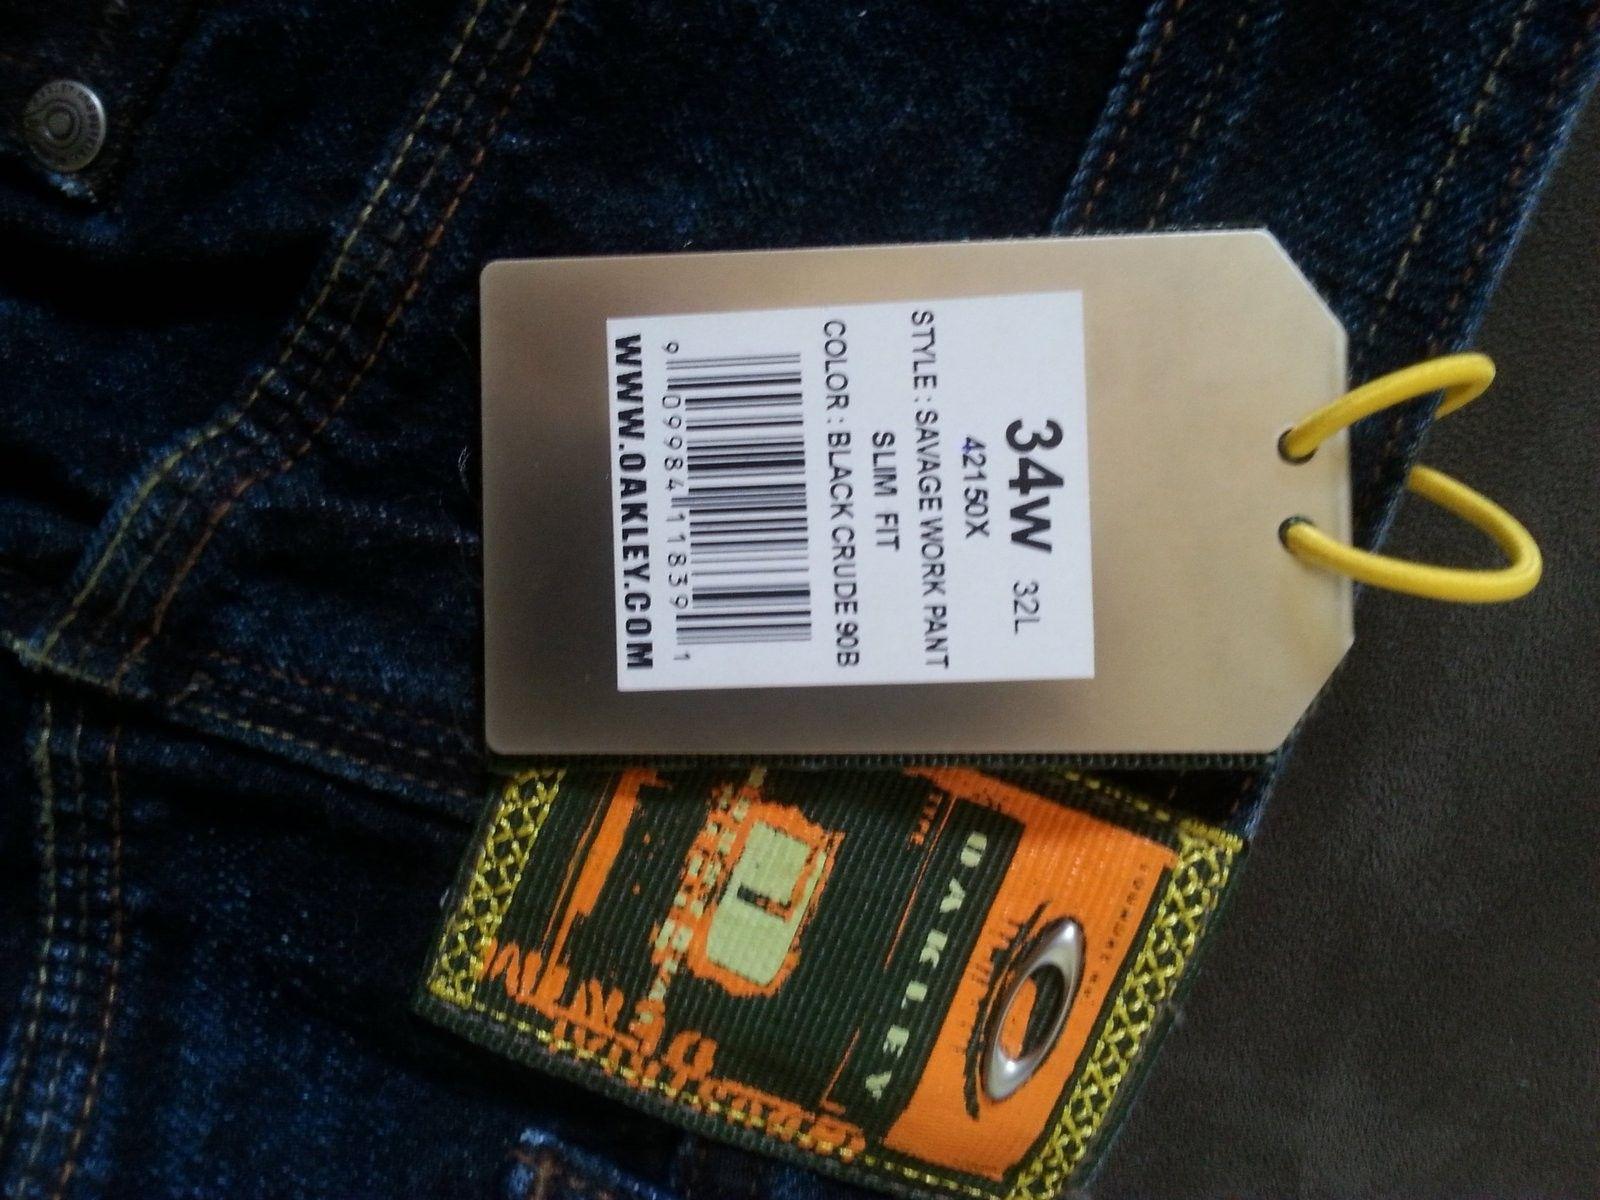 X-Metal industrial jeans. - 20150110_115558.jpg